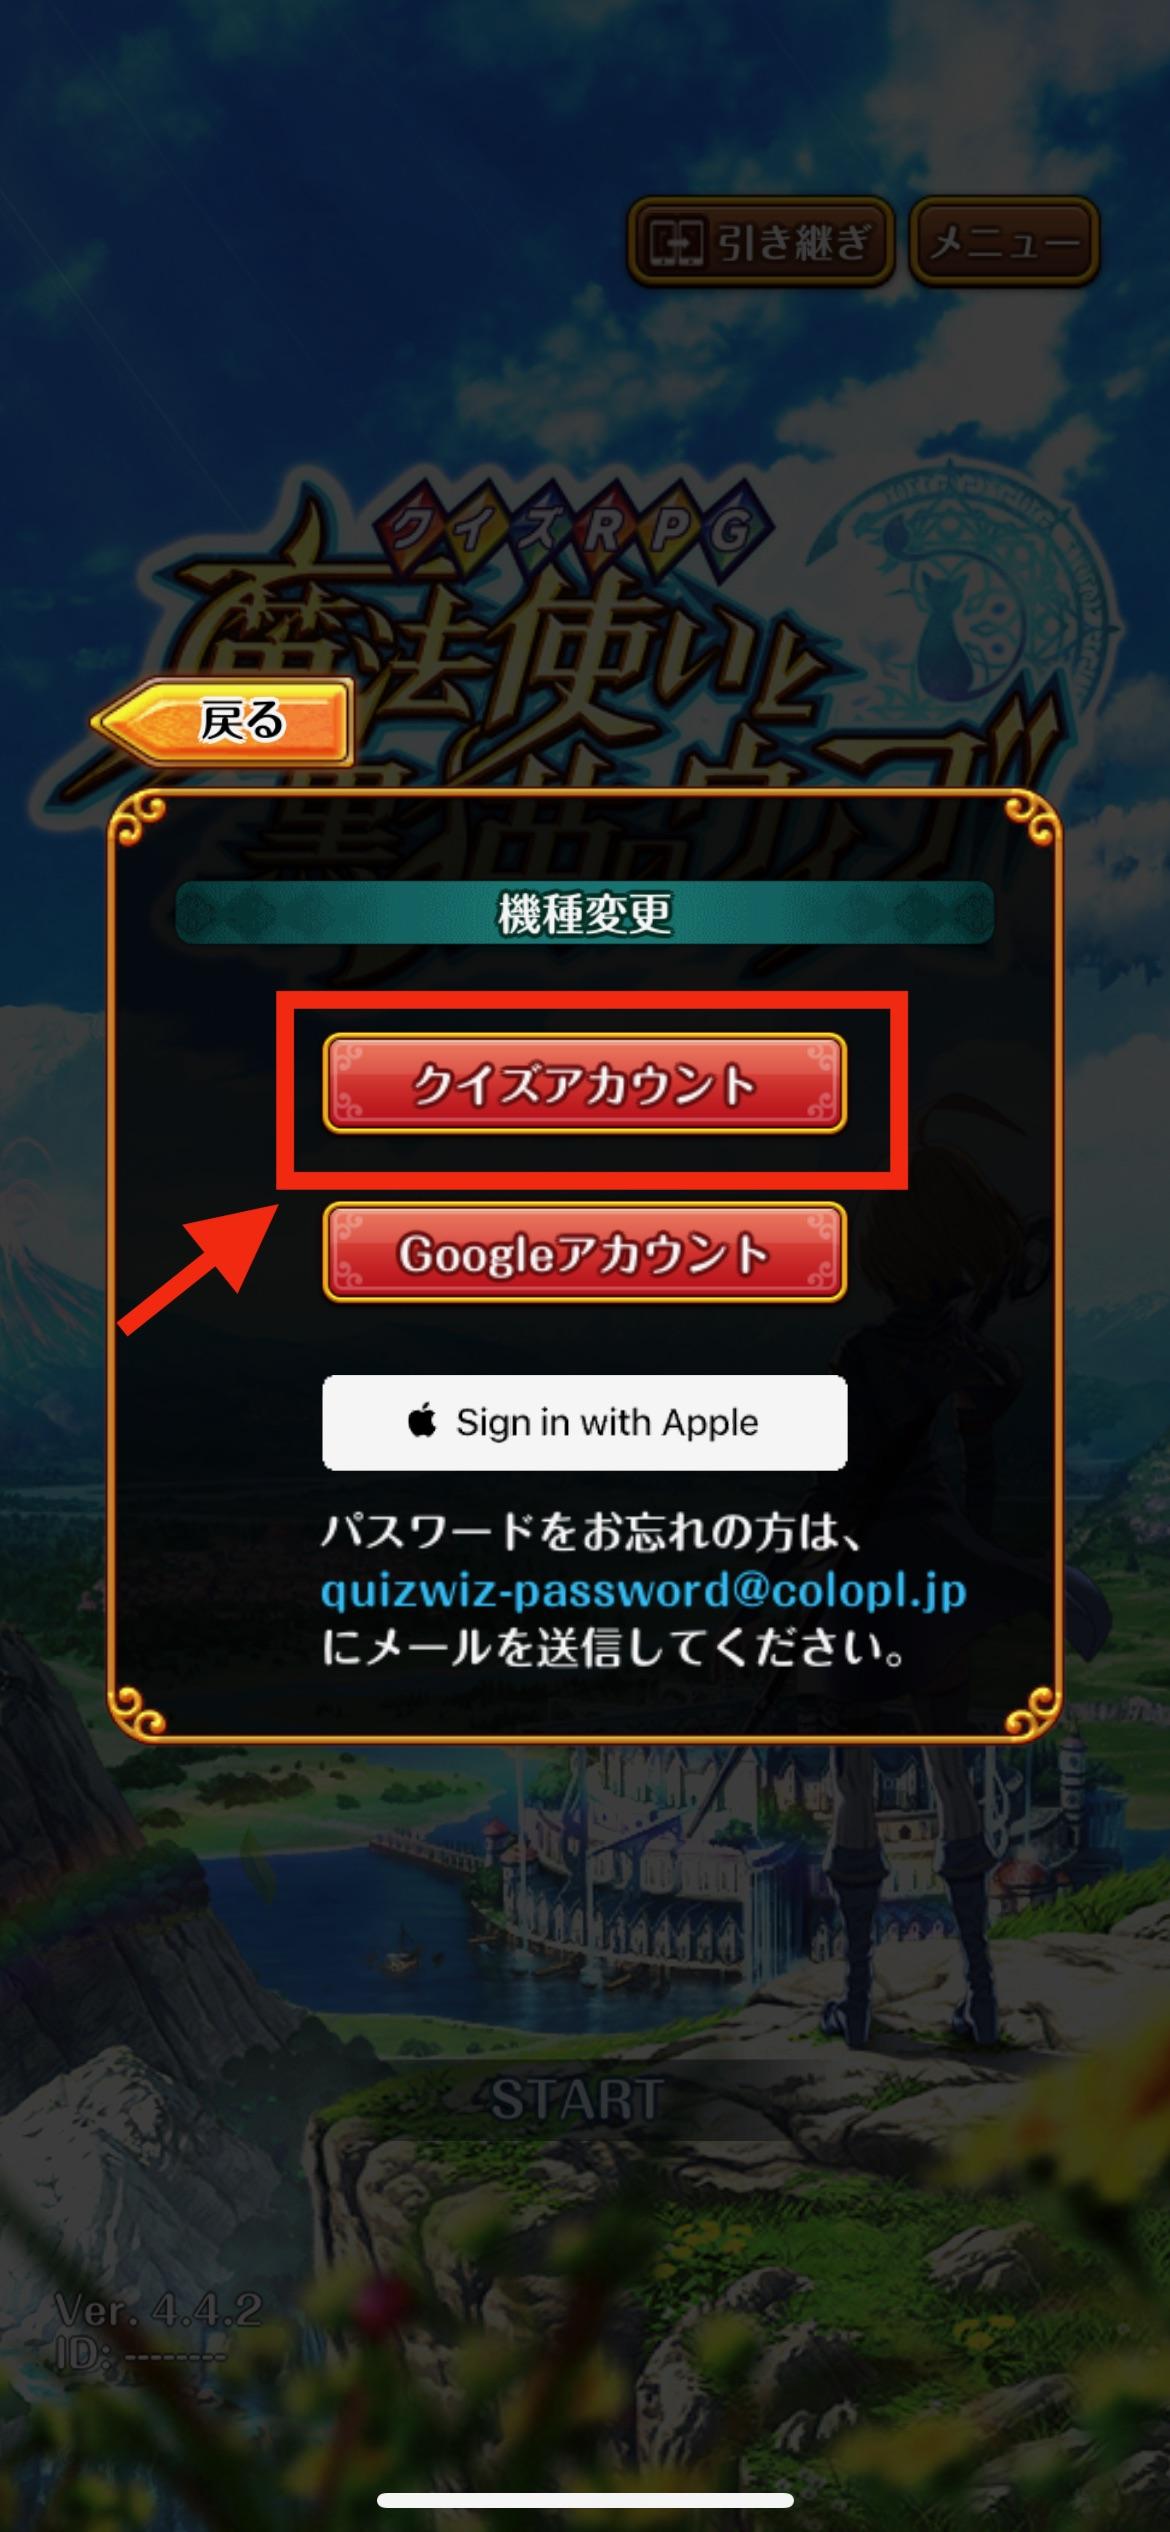 機種変更画面で「クイズアカウント」ボタンを押す